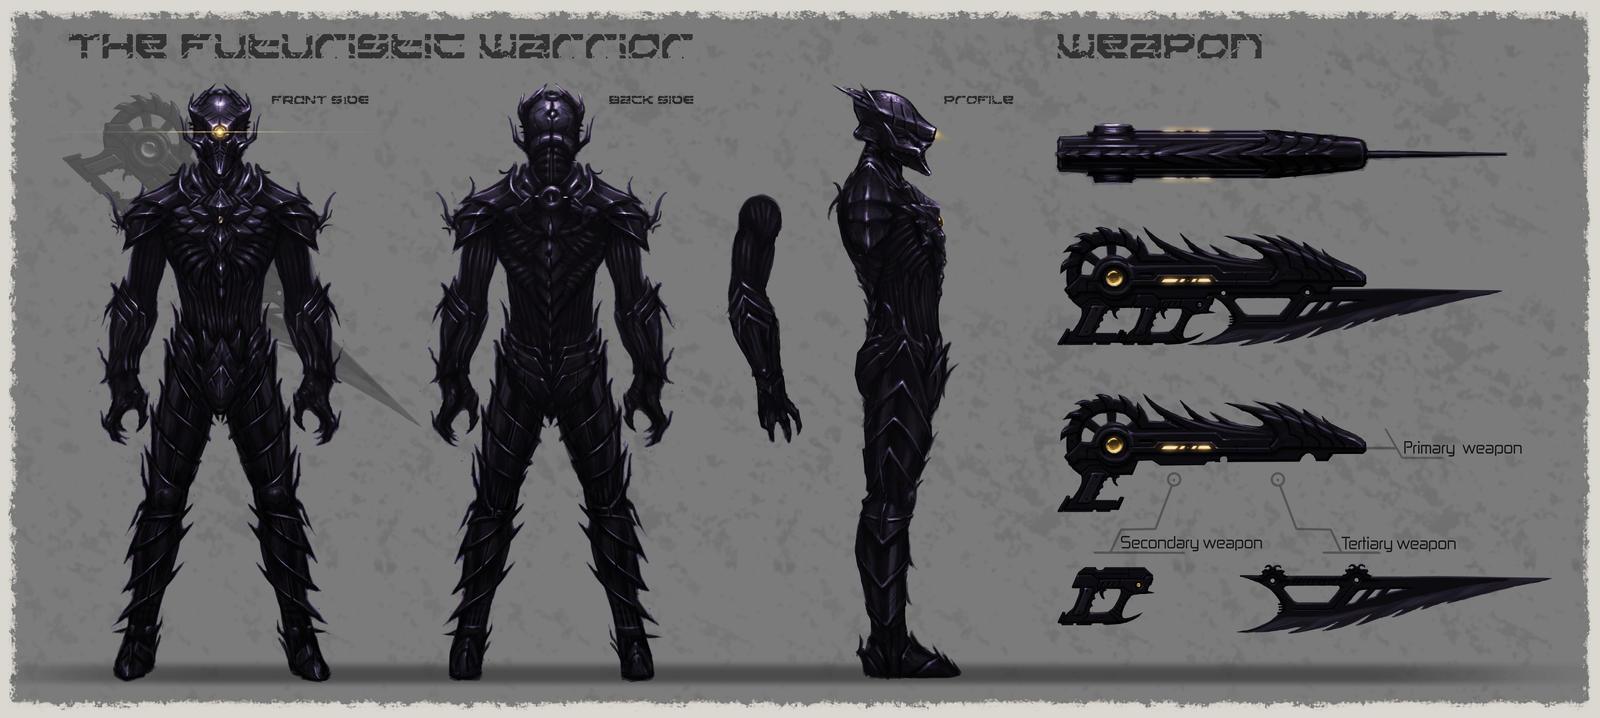 Anime Futuristic Warrior The futuristic warrior by sel2Anime Futuristic Warrior